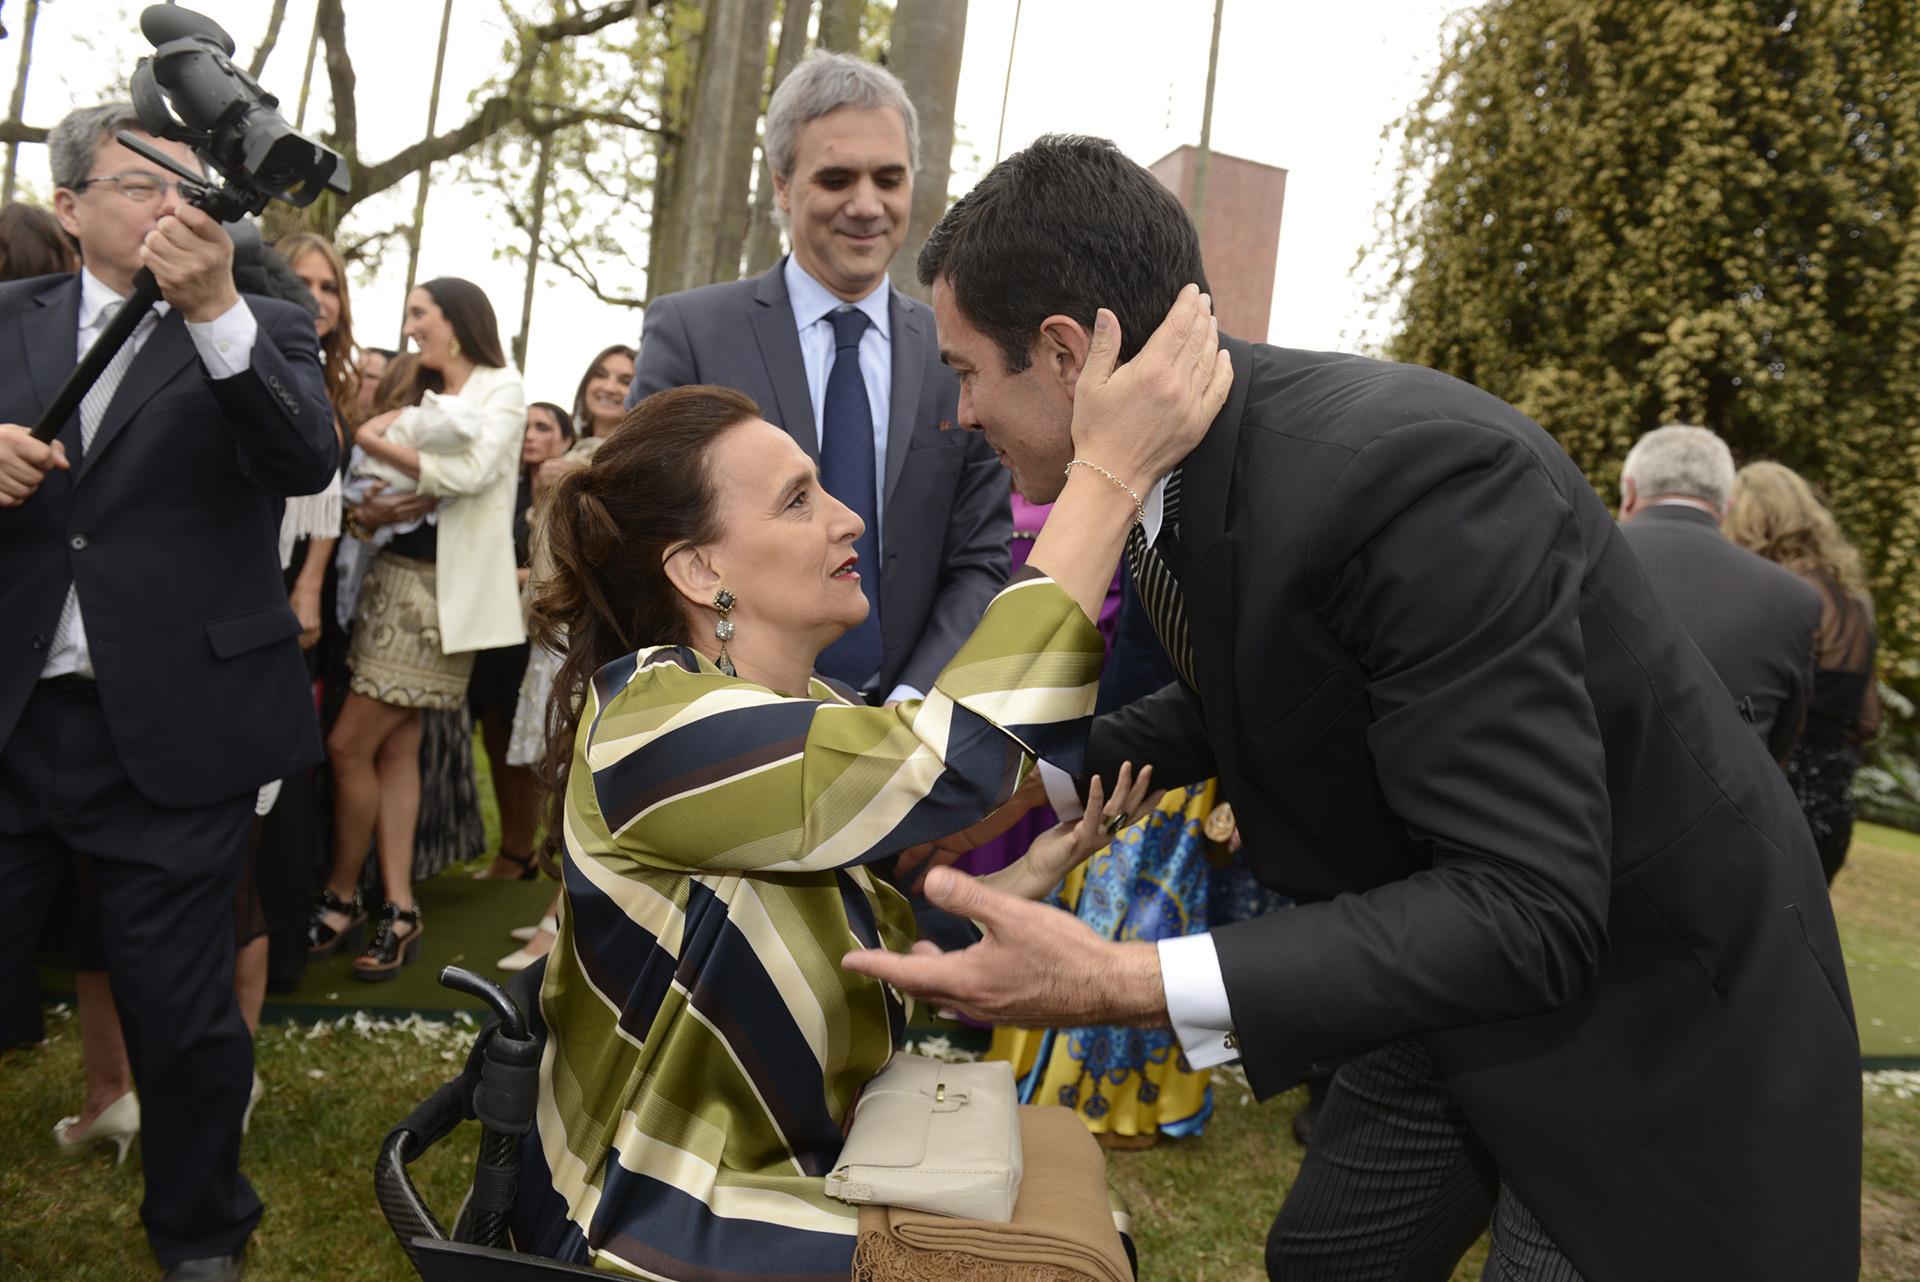 La vicepresidente Gabriela Michetti y su novio Juan Tonelli saludan a Urtubey